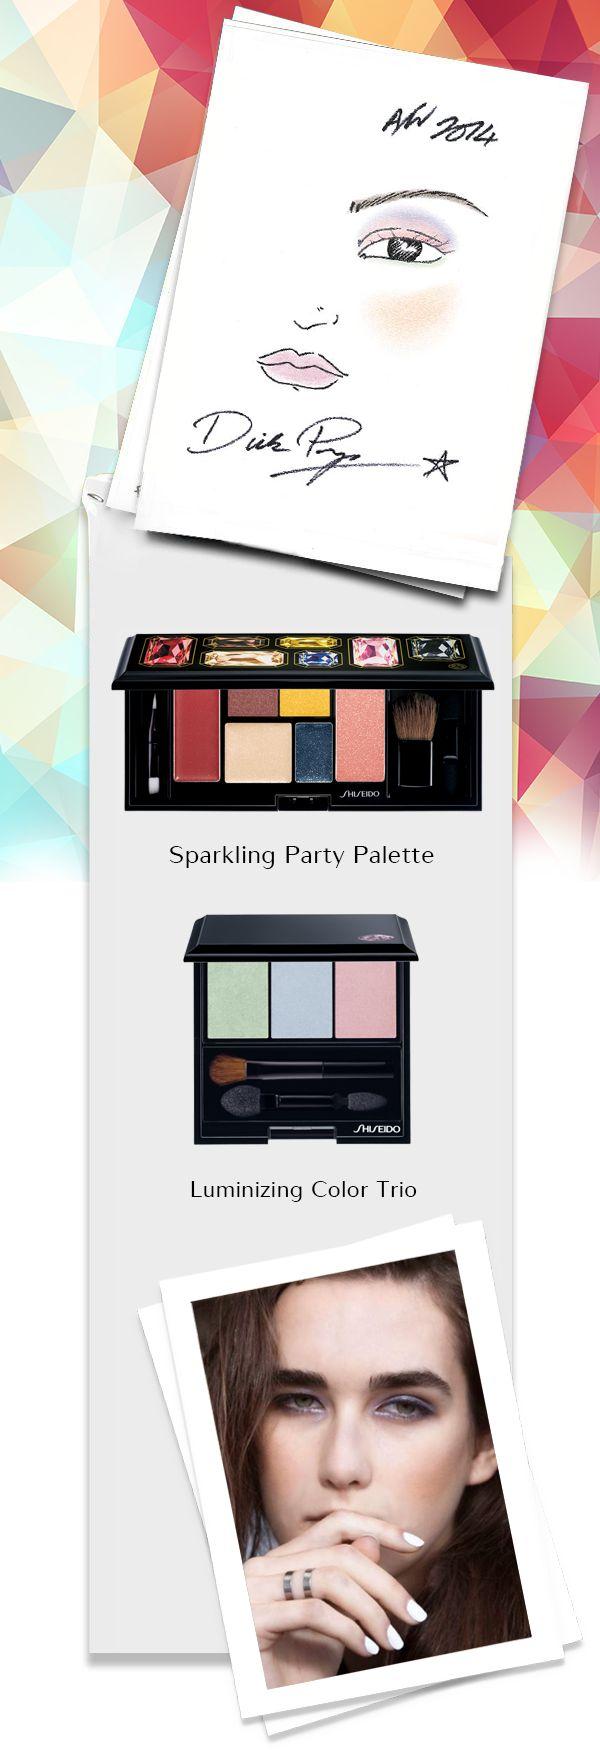 Per questa collezione Dick Page ha creato un #makeup d'ispirazione anni '70 romantico ed etereo, con l'uso della Sparkling Party Palette e di Luminizing Satin Eye Color Trio.  #ShiseidoModa #NYFW www.shiseido.it